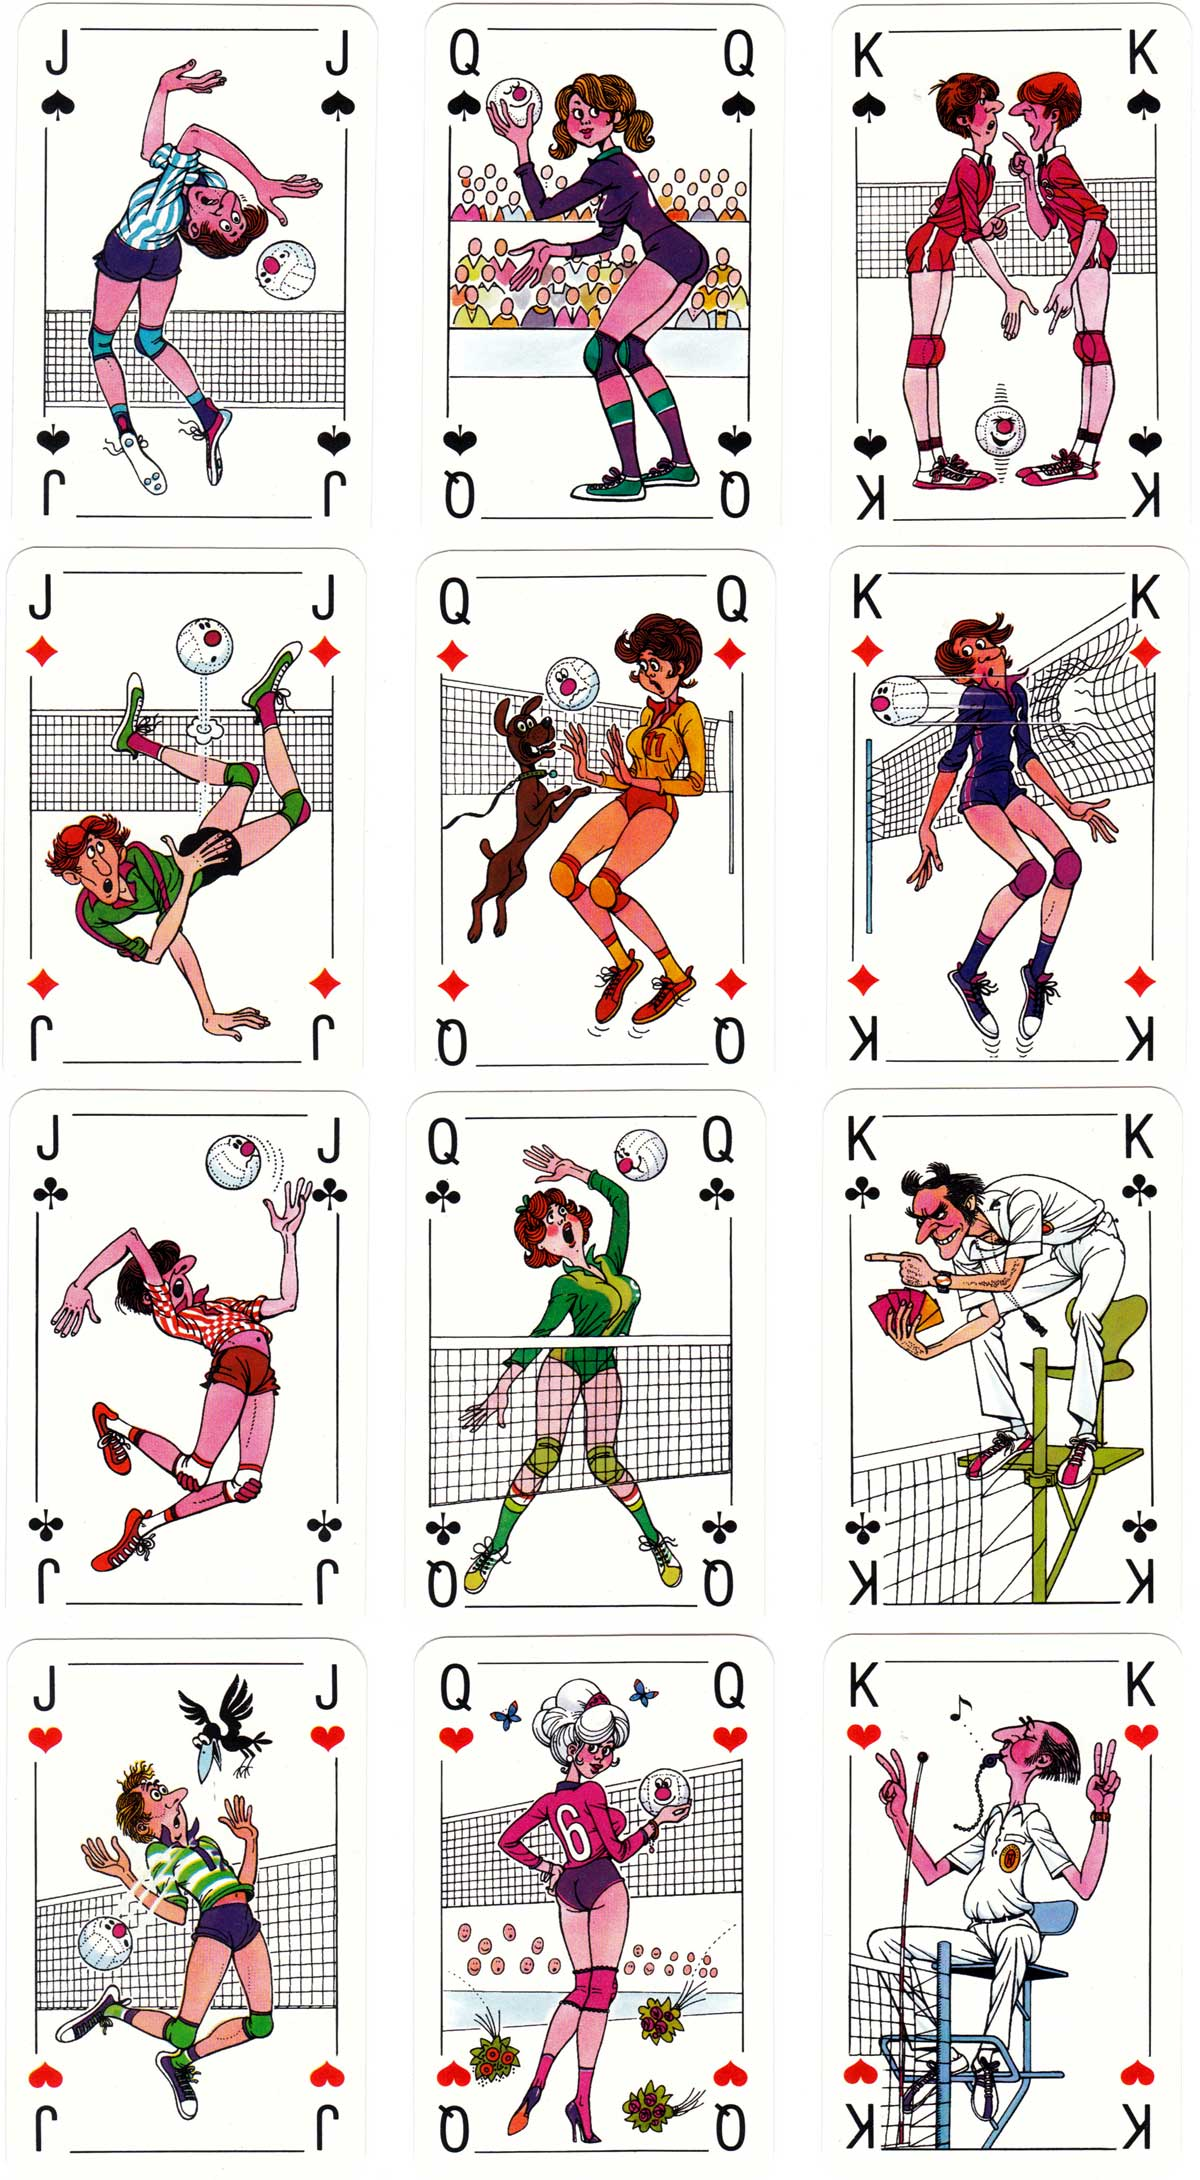 Volleyball European Championship Rummy, 1983, designed by Klaus Hennig